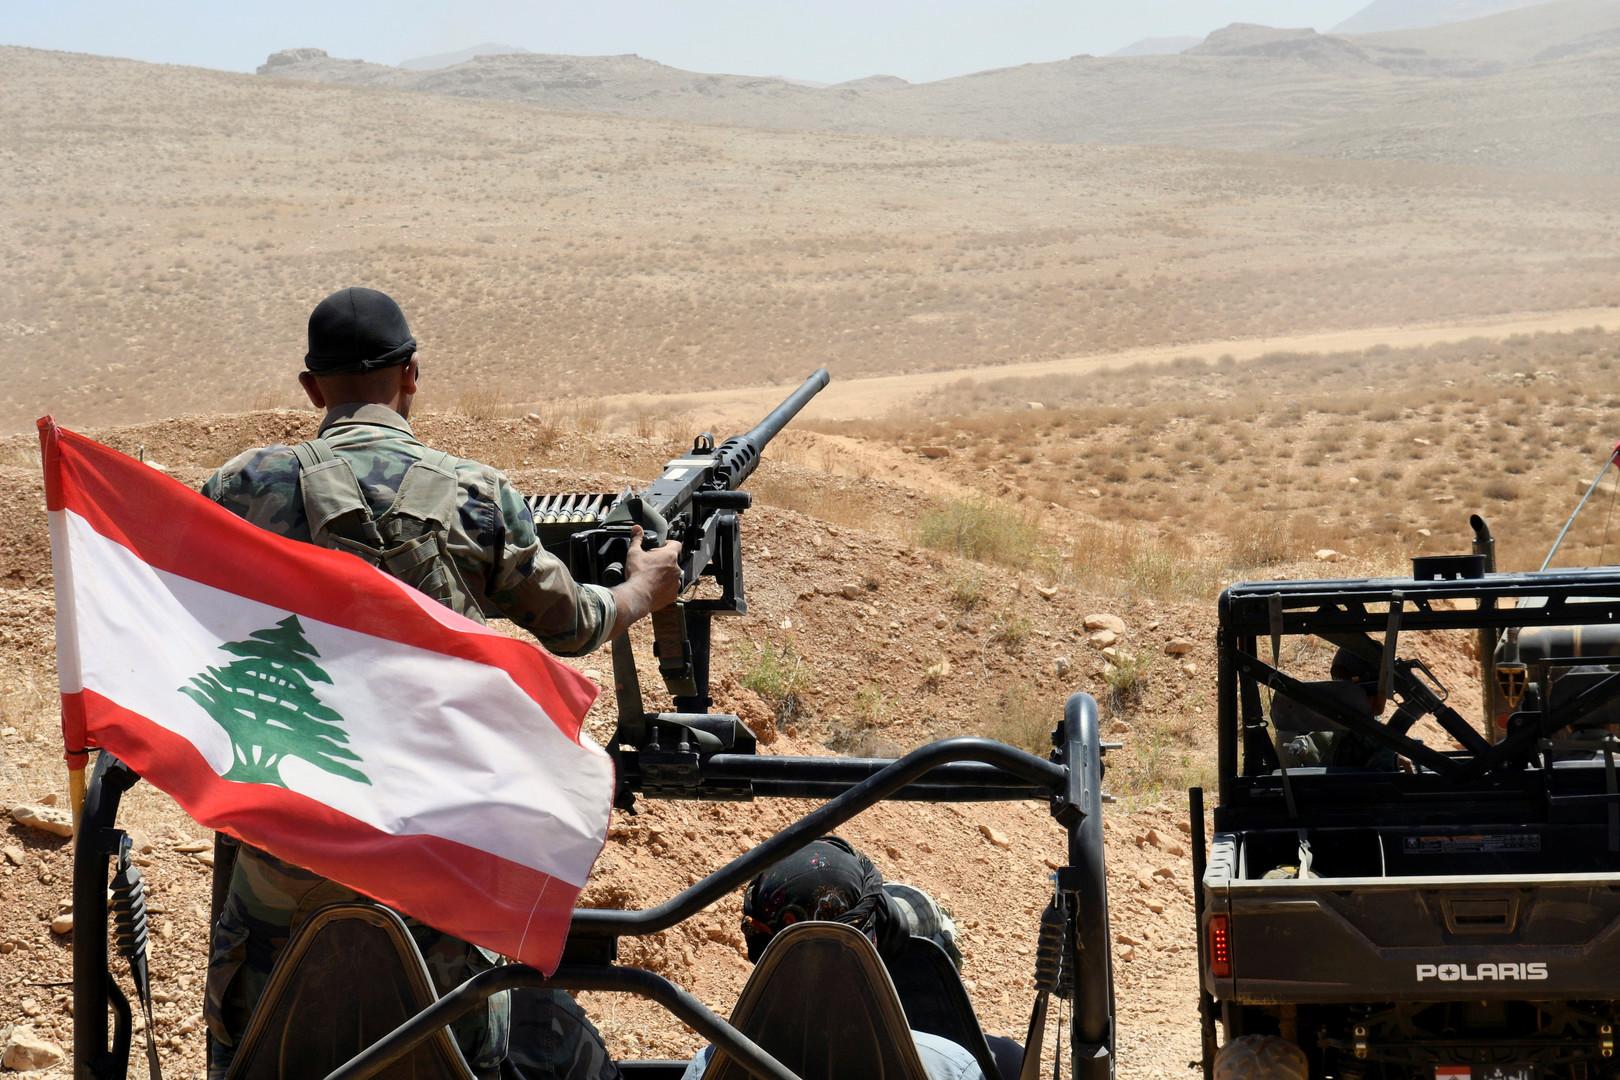 الجيش اللبناني يعلن التصدي لـ 3 طائرات مسيرة إسرائيلية